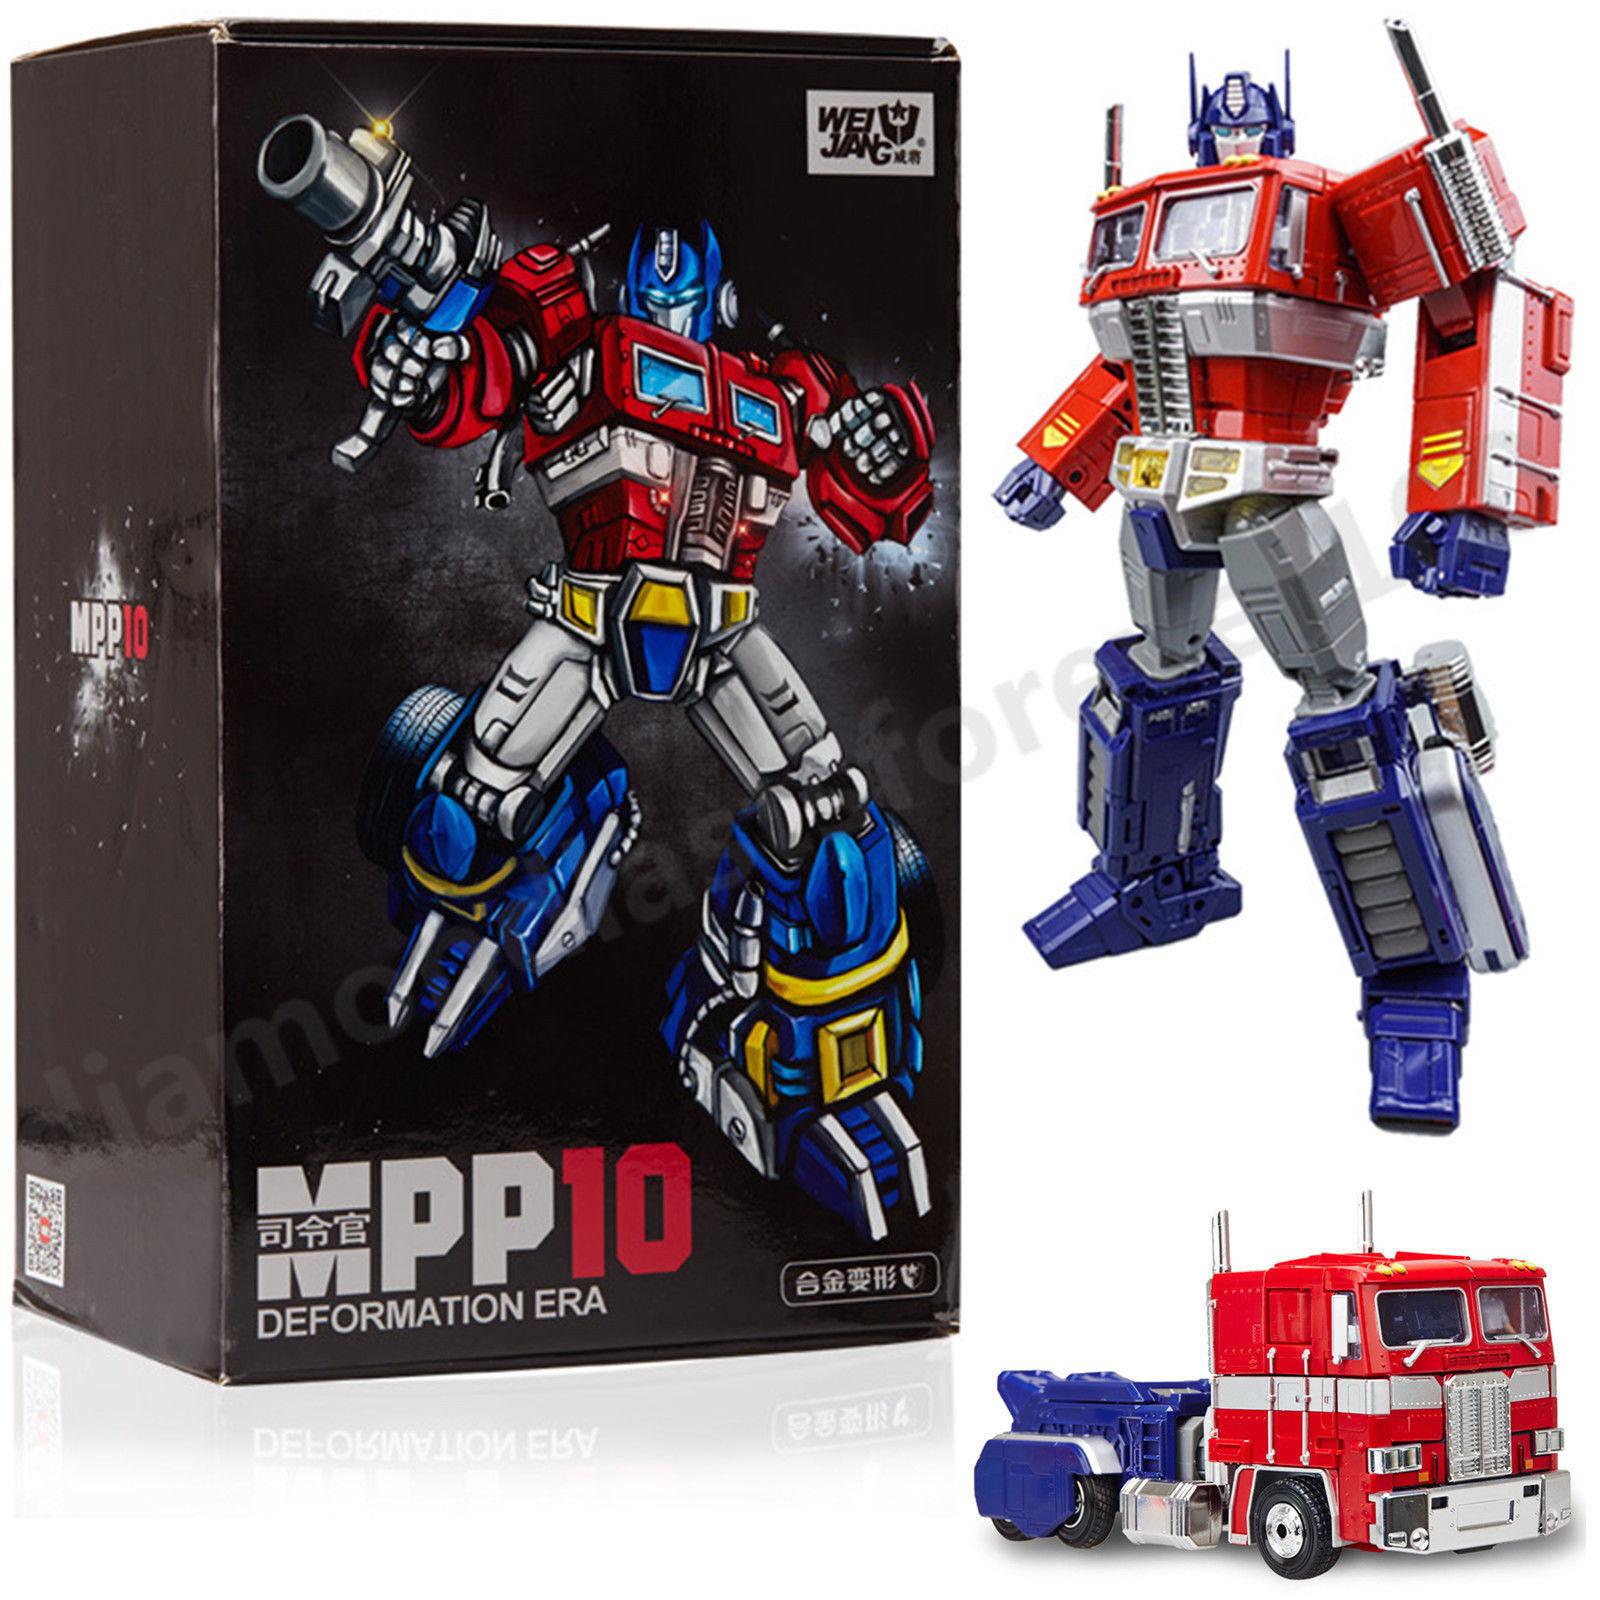 Mpp10 Weijiang Transformers Optimus Prime Noël eaux pour enfant